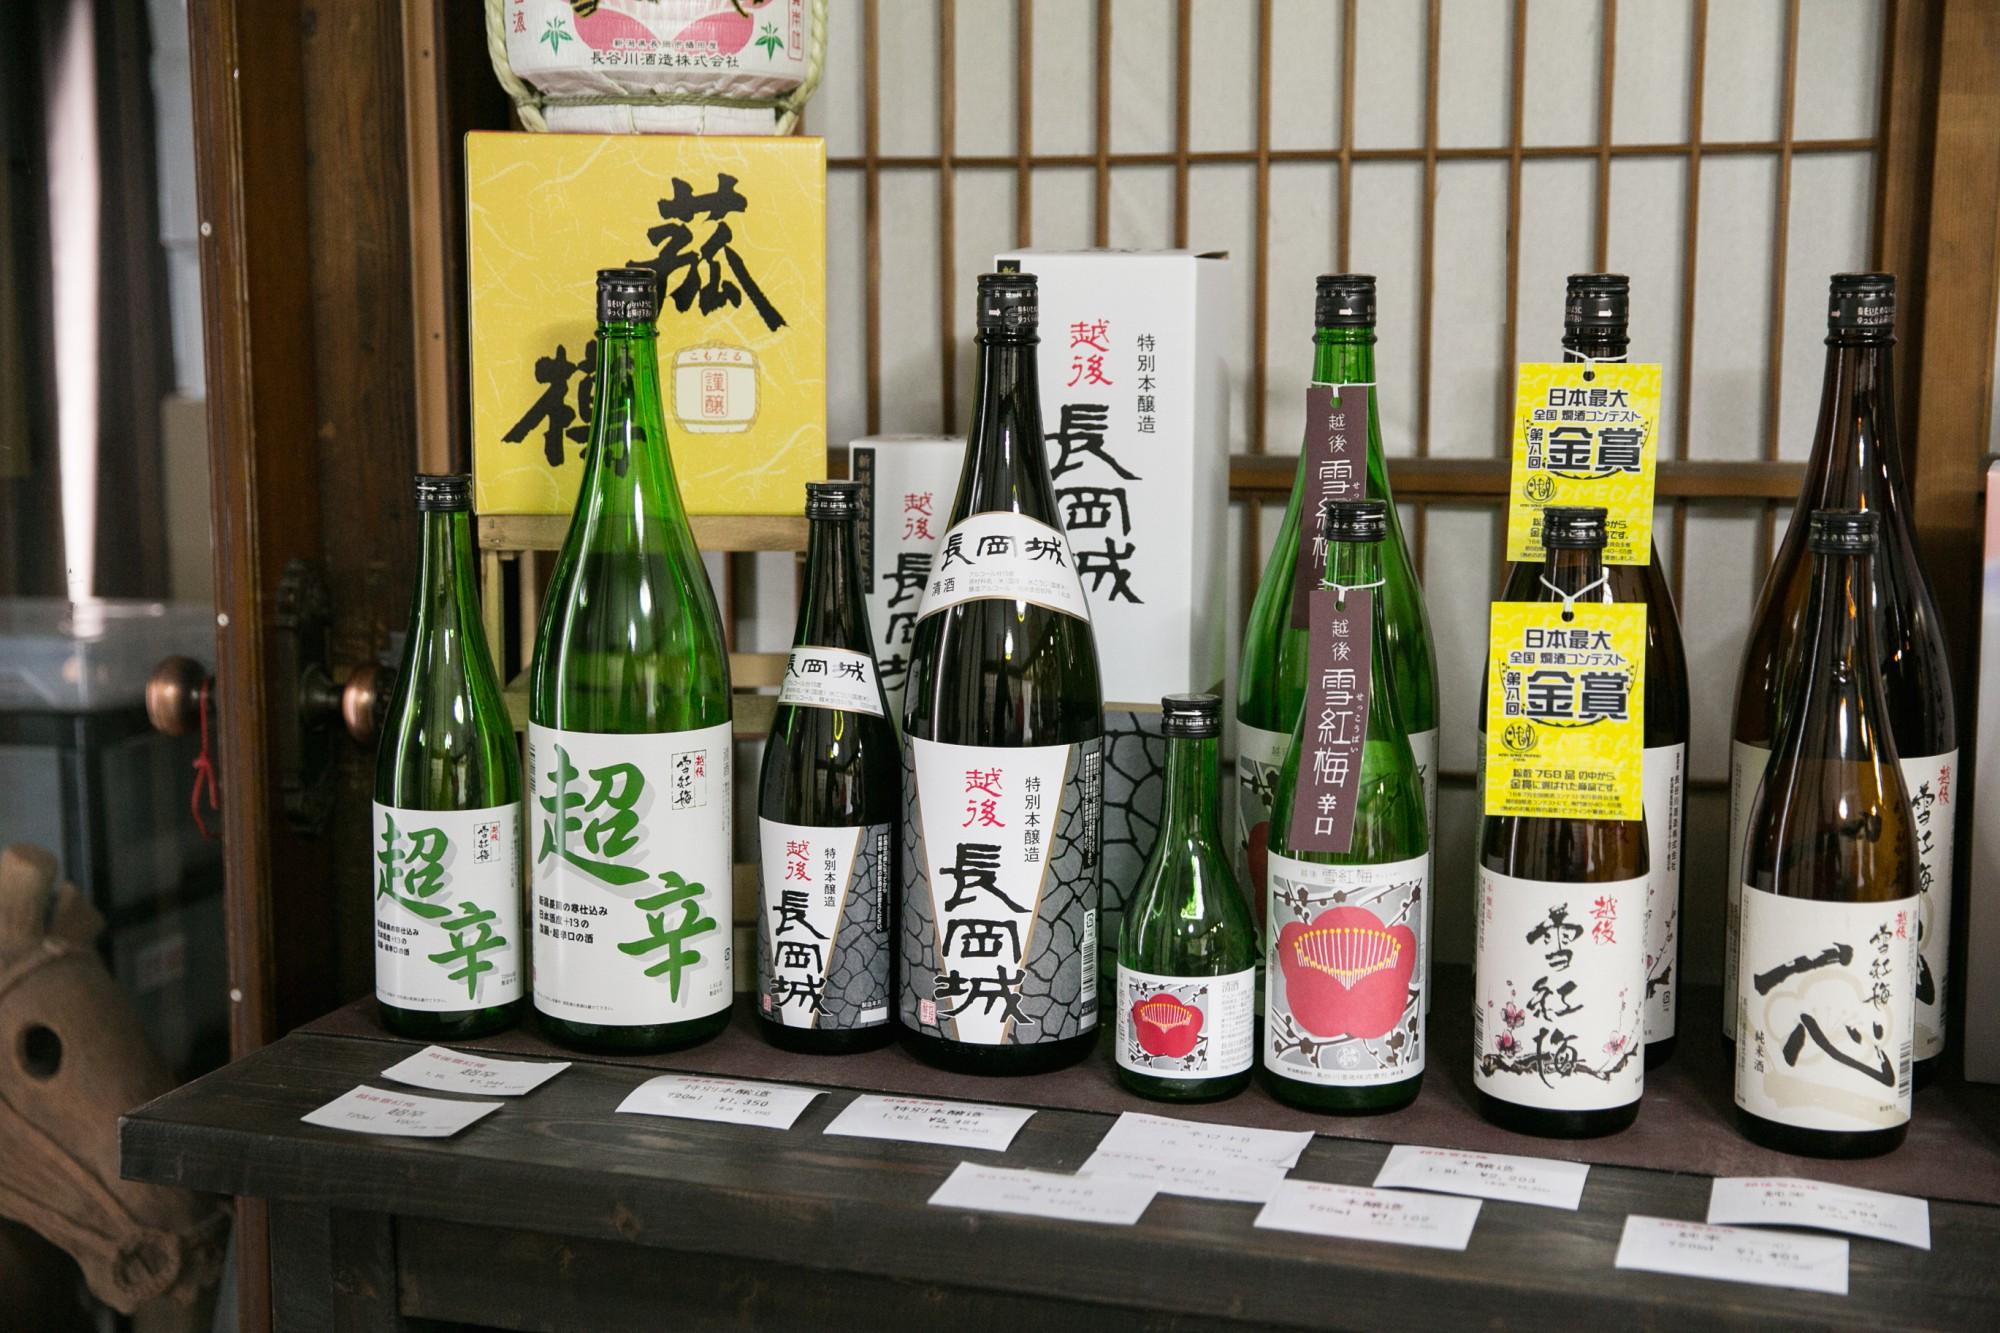 新潟県内限定酒「越後長岡城 特別本醸造」をお土産に。